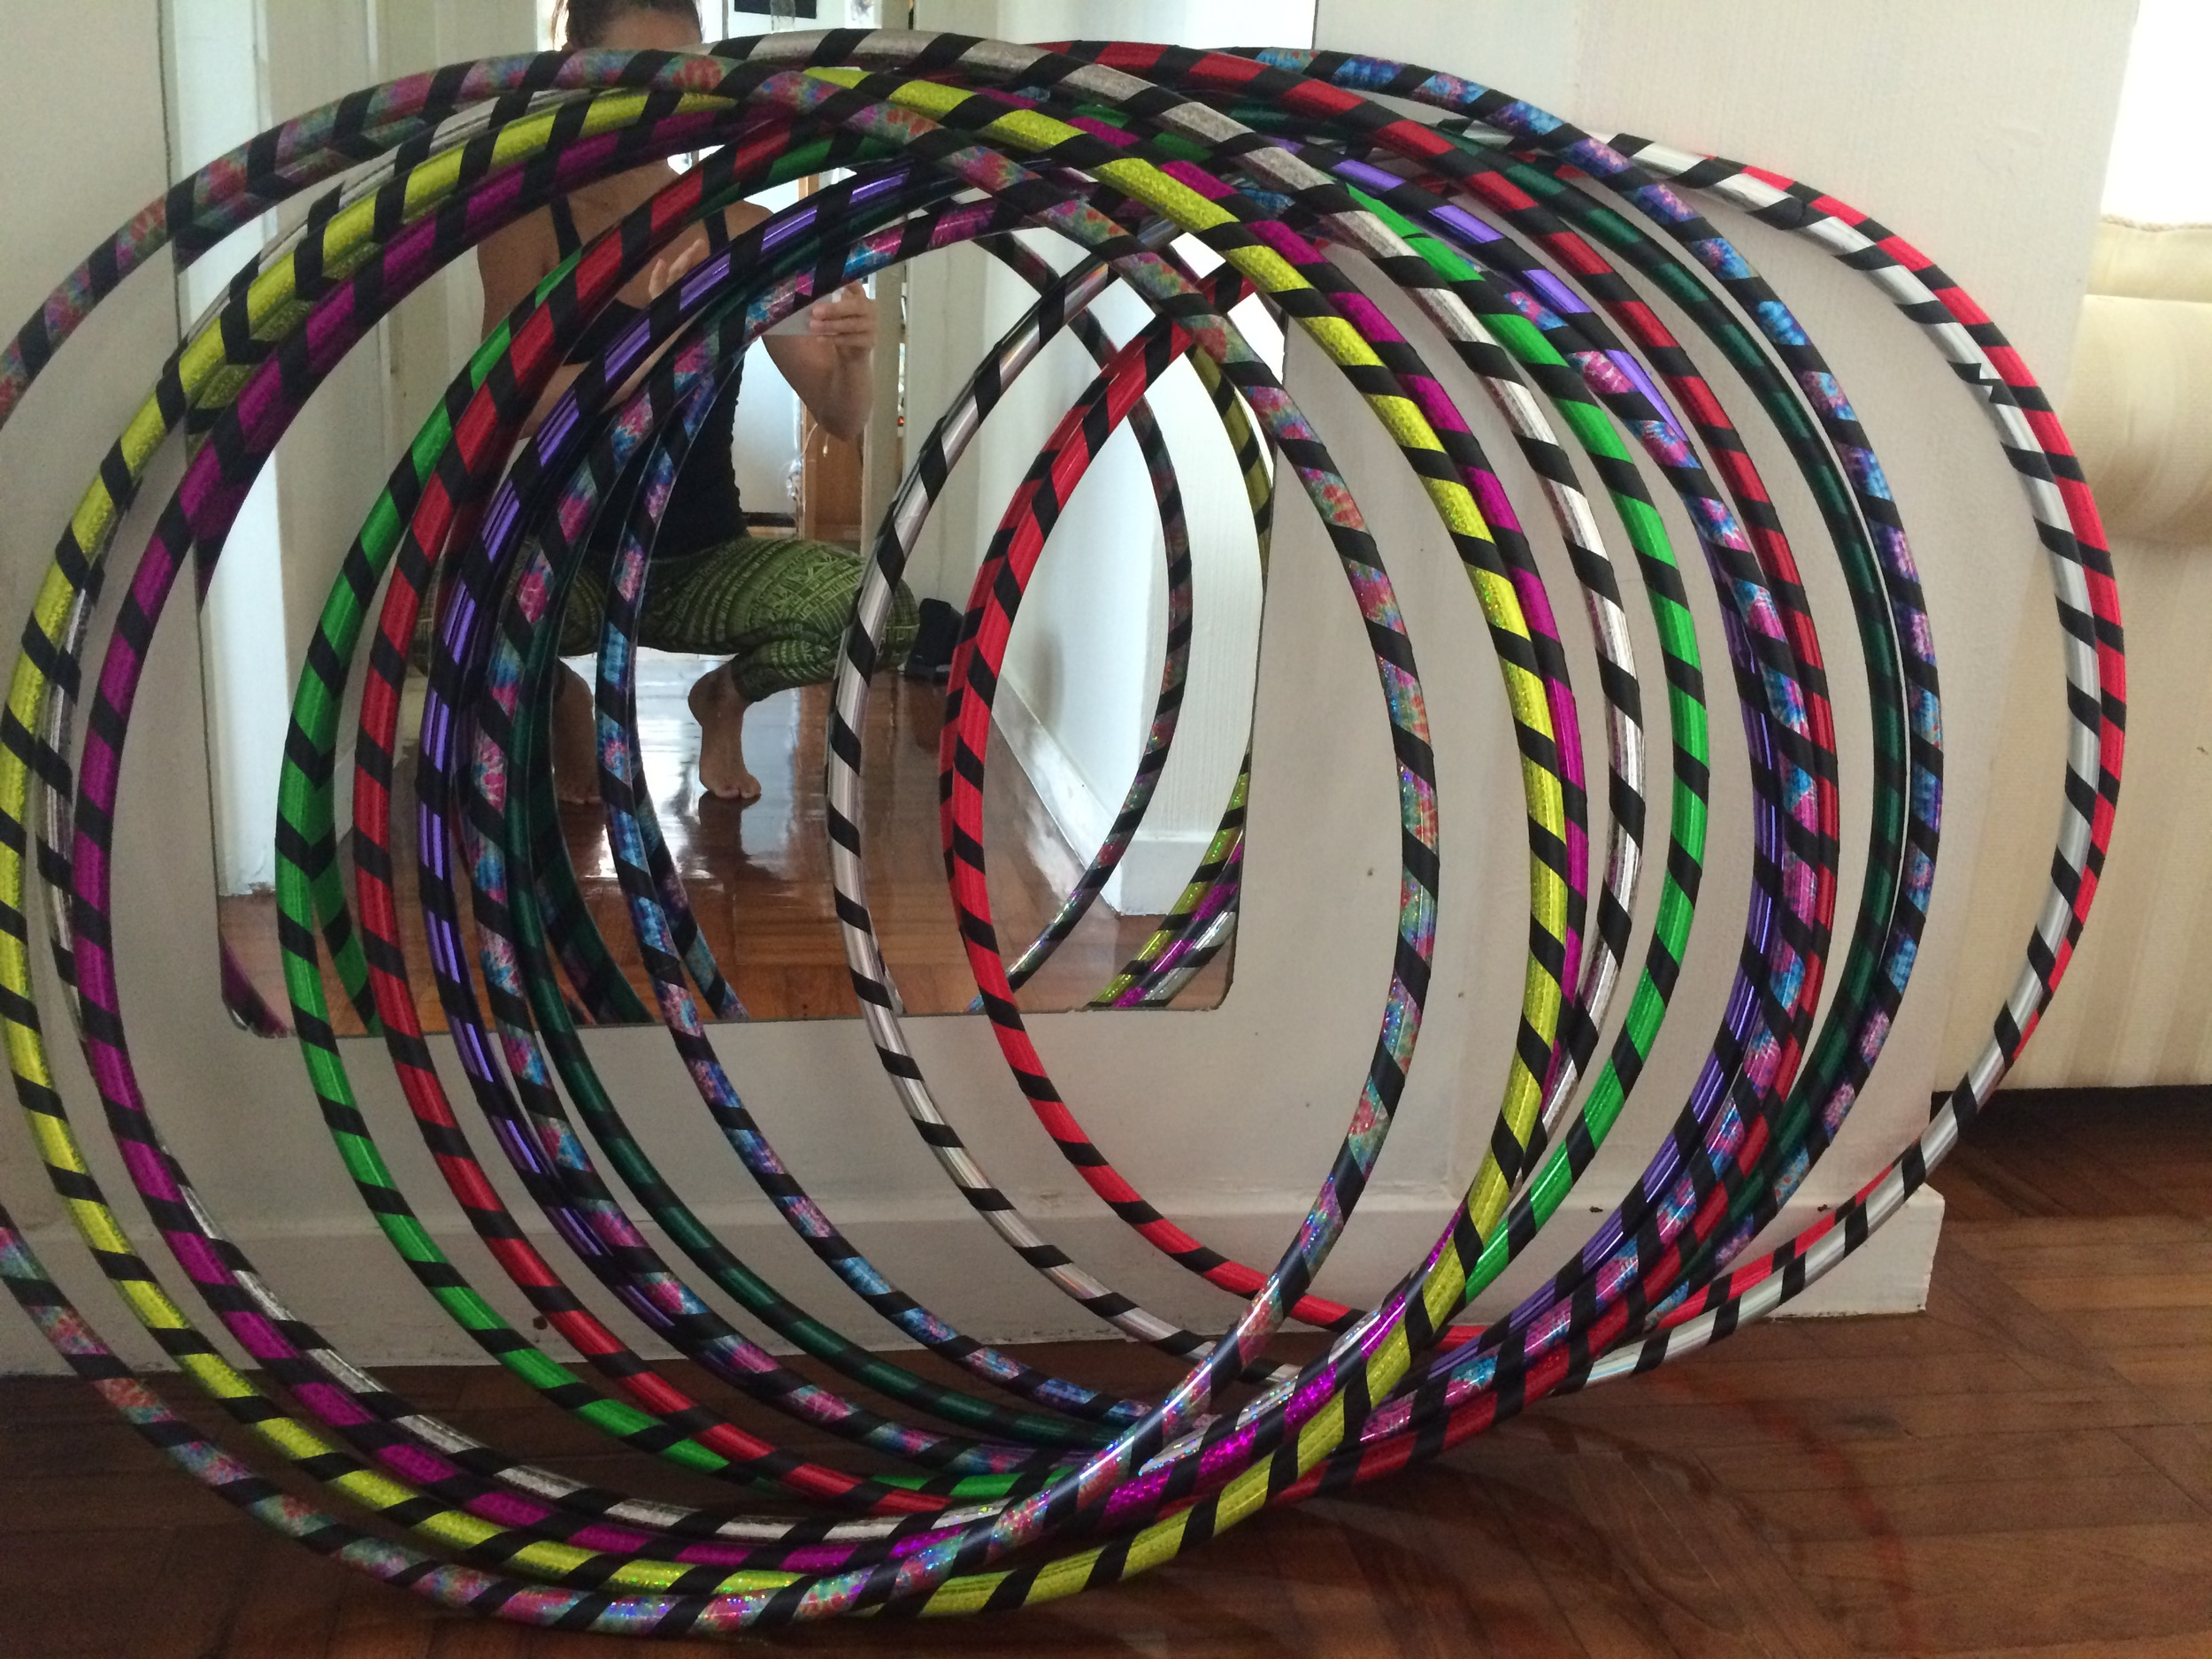 make your own hula hoop 香港自定呼啦圈